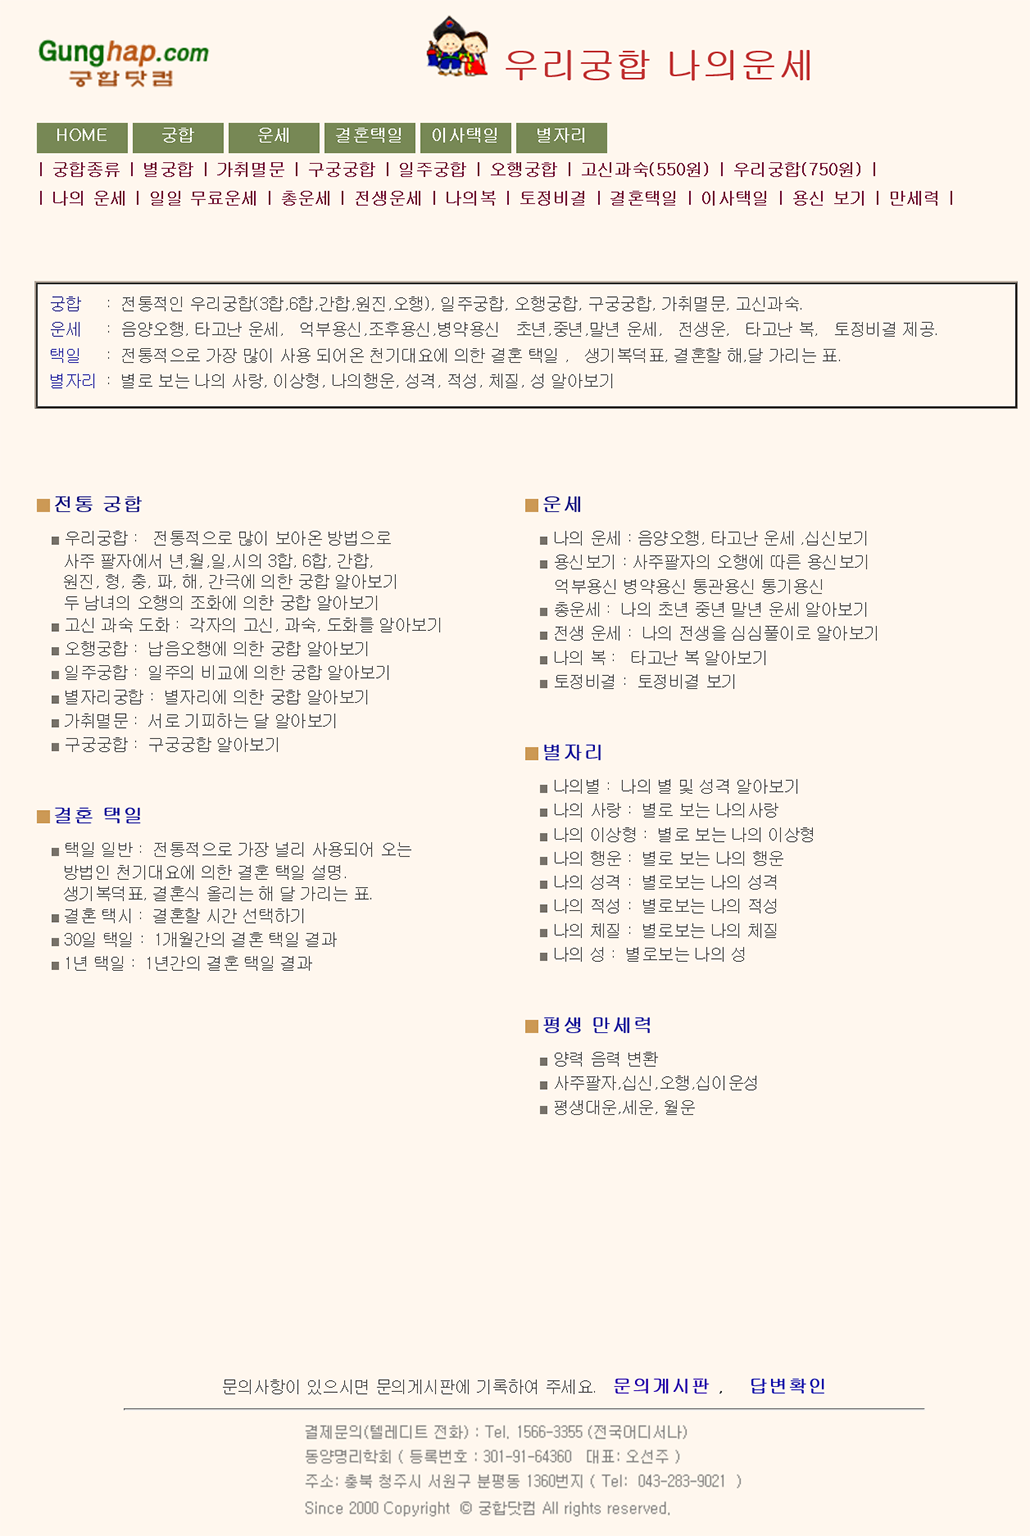 궁합닷컴운세.png